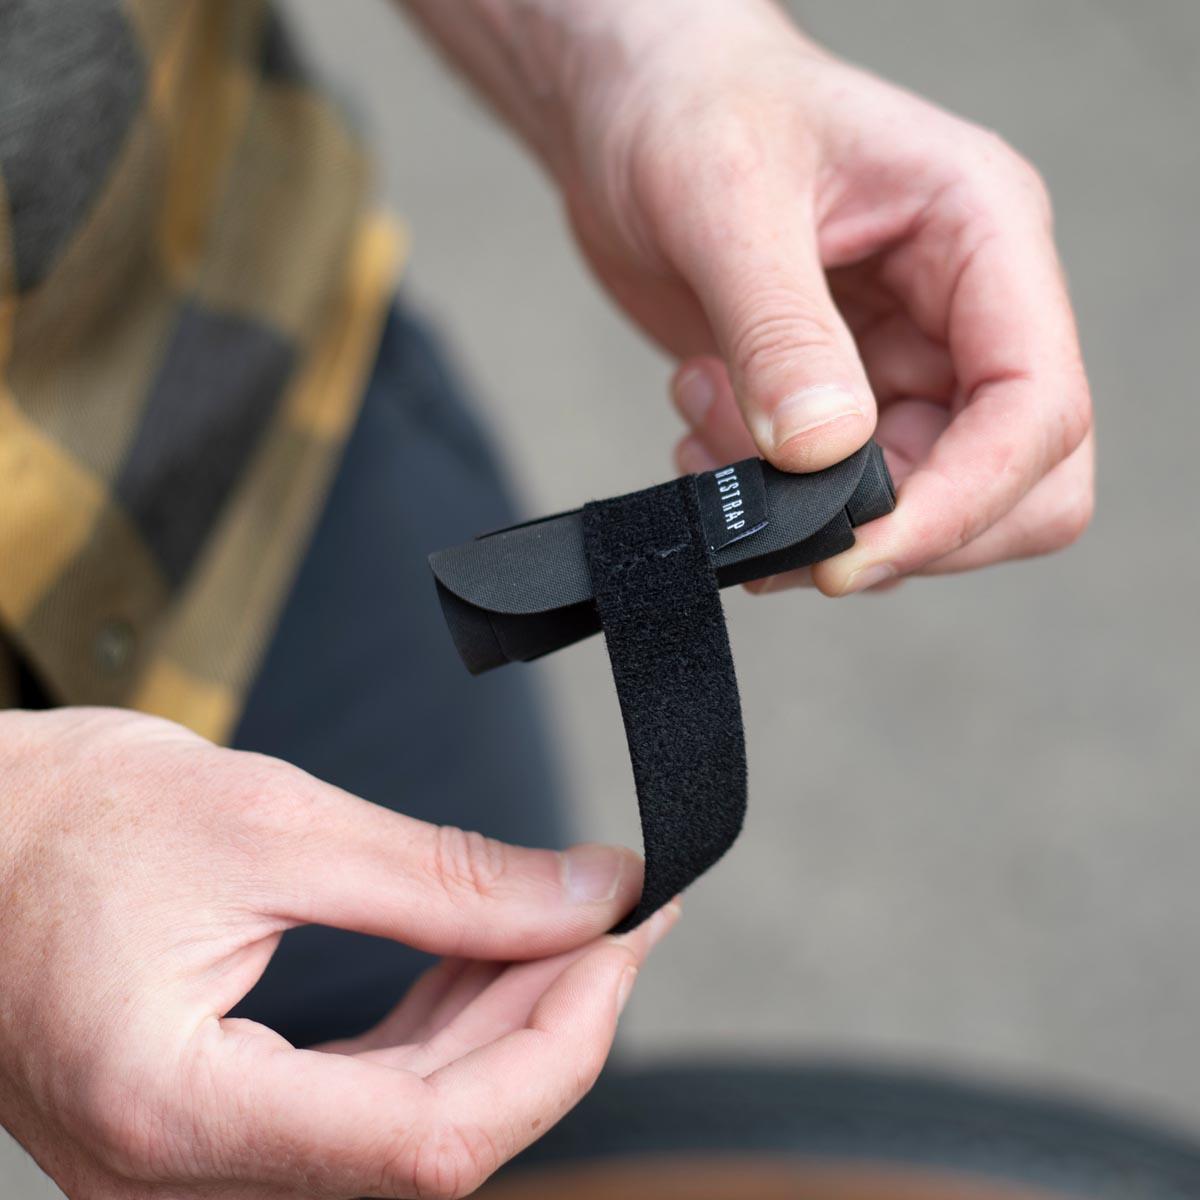 REstrap-tire-boot-kit-4.jpg